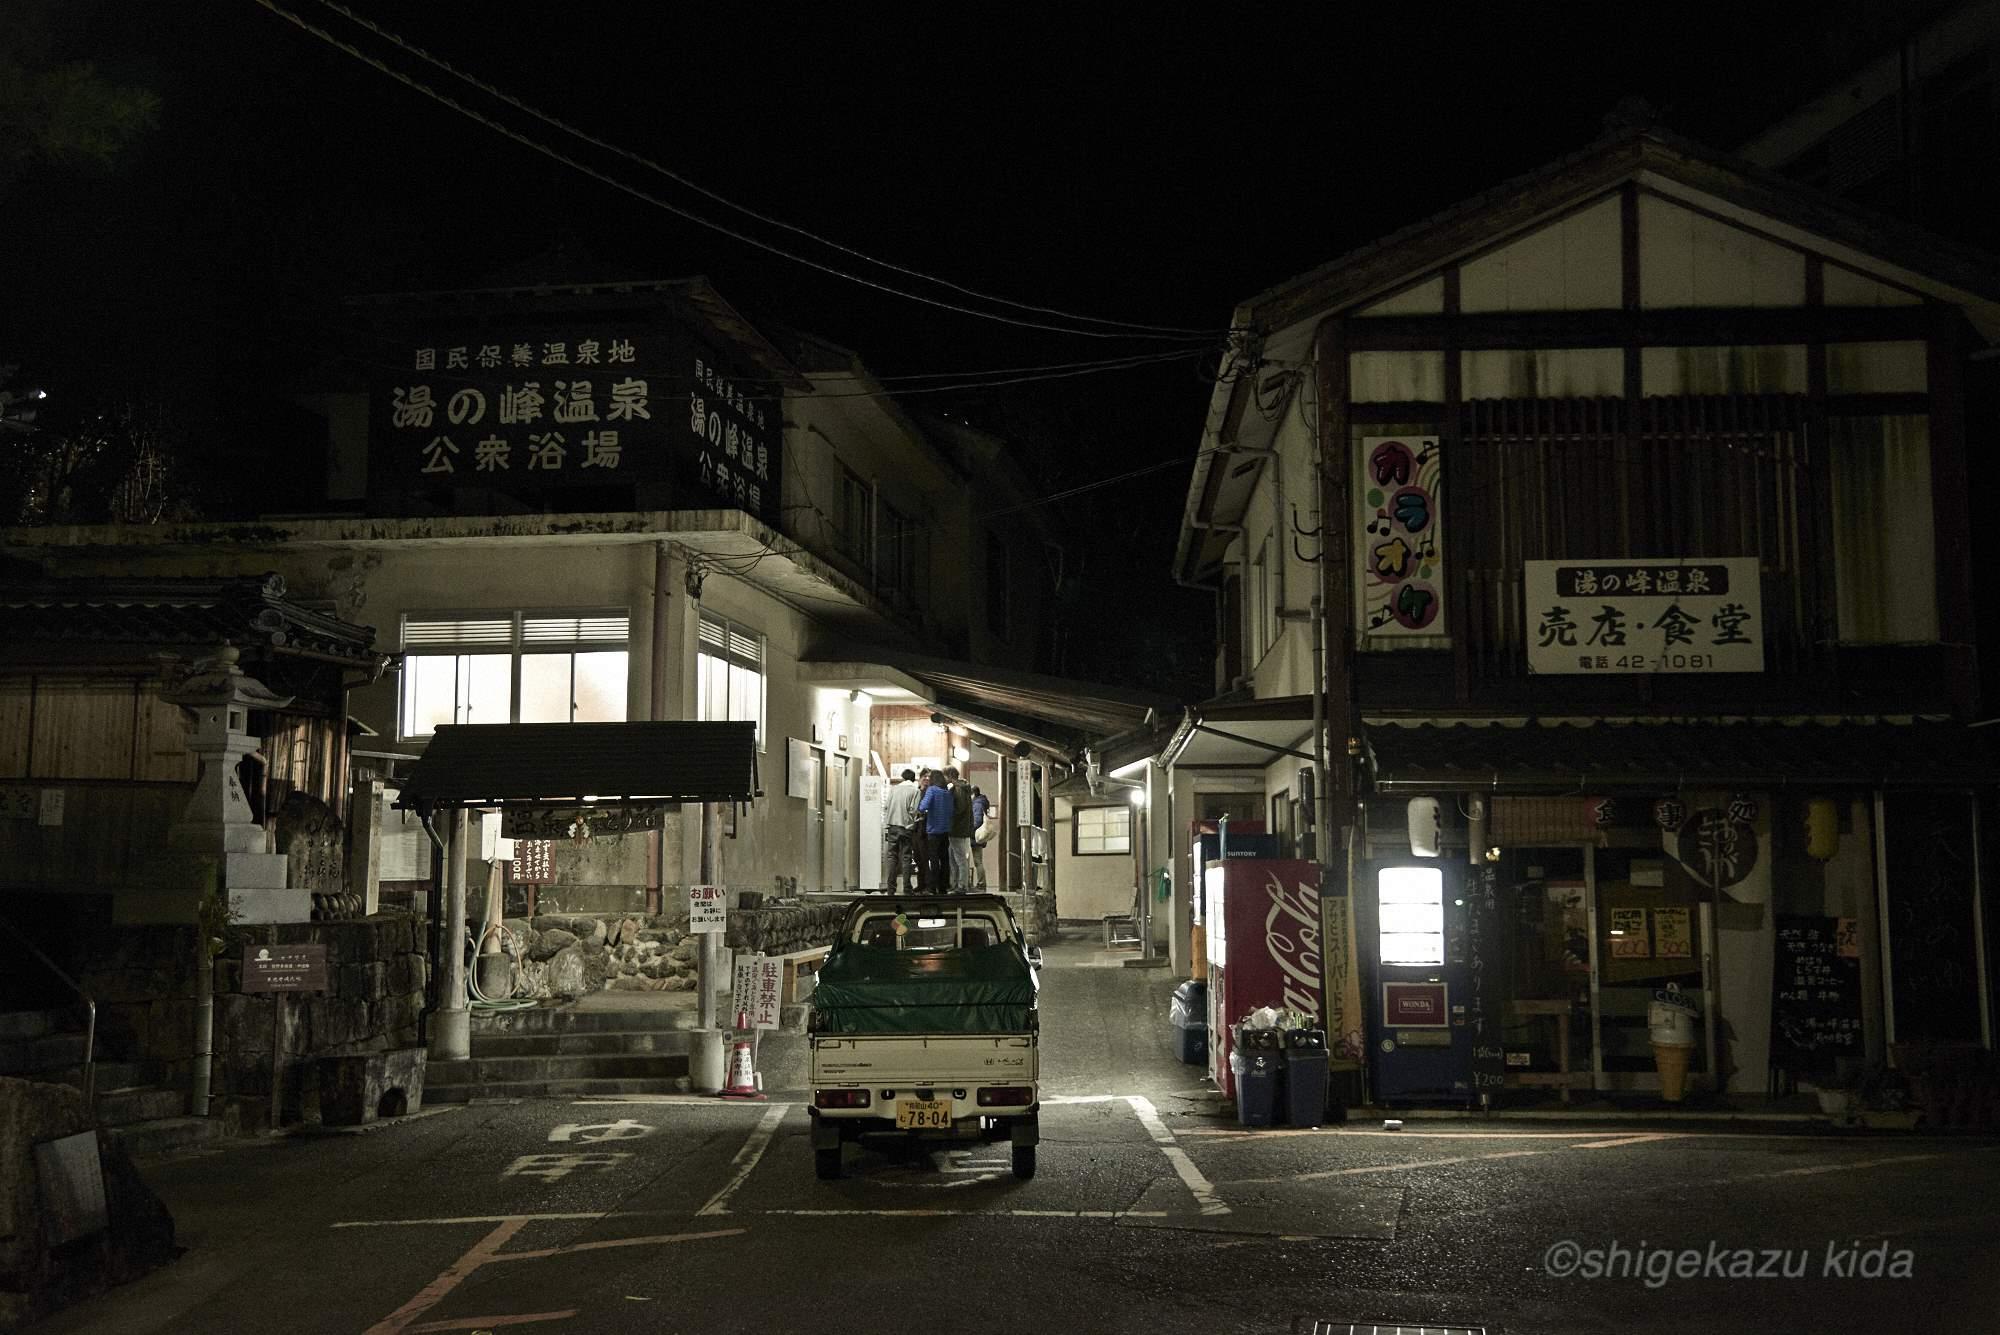 貴田茂和 shigekazu kida 熊野古道の湯の峰温泉